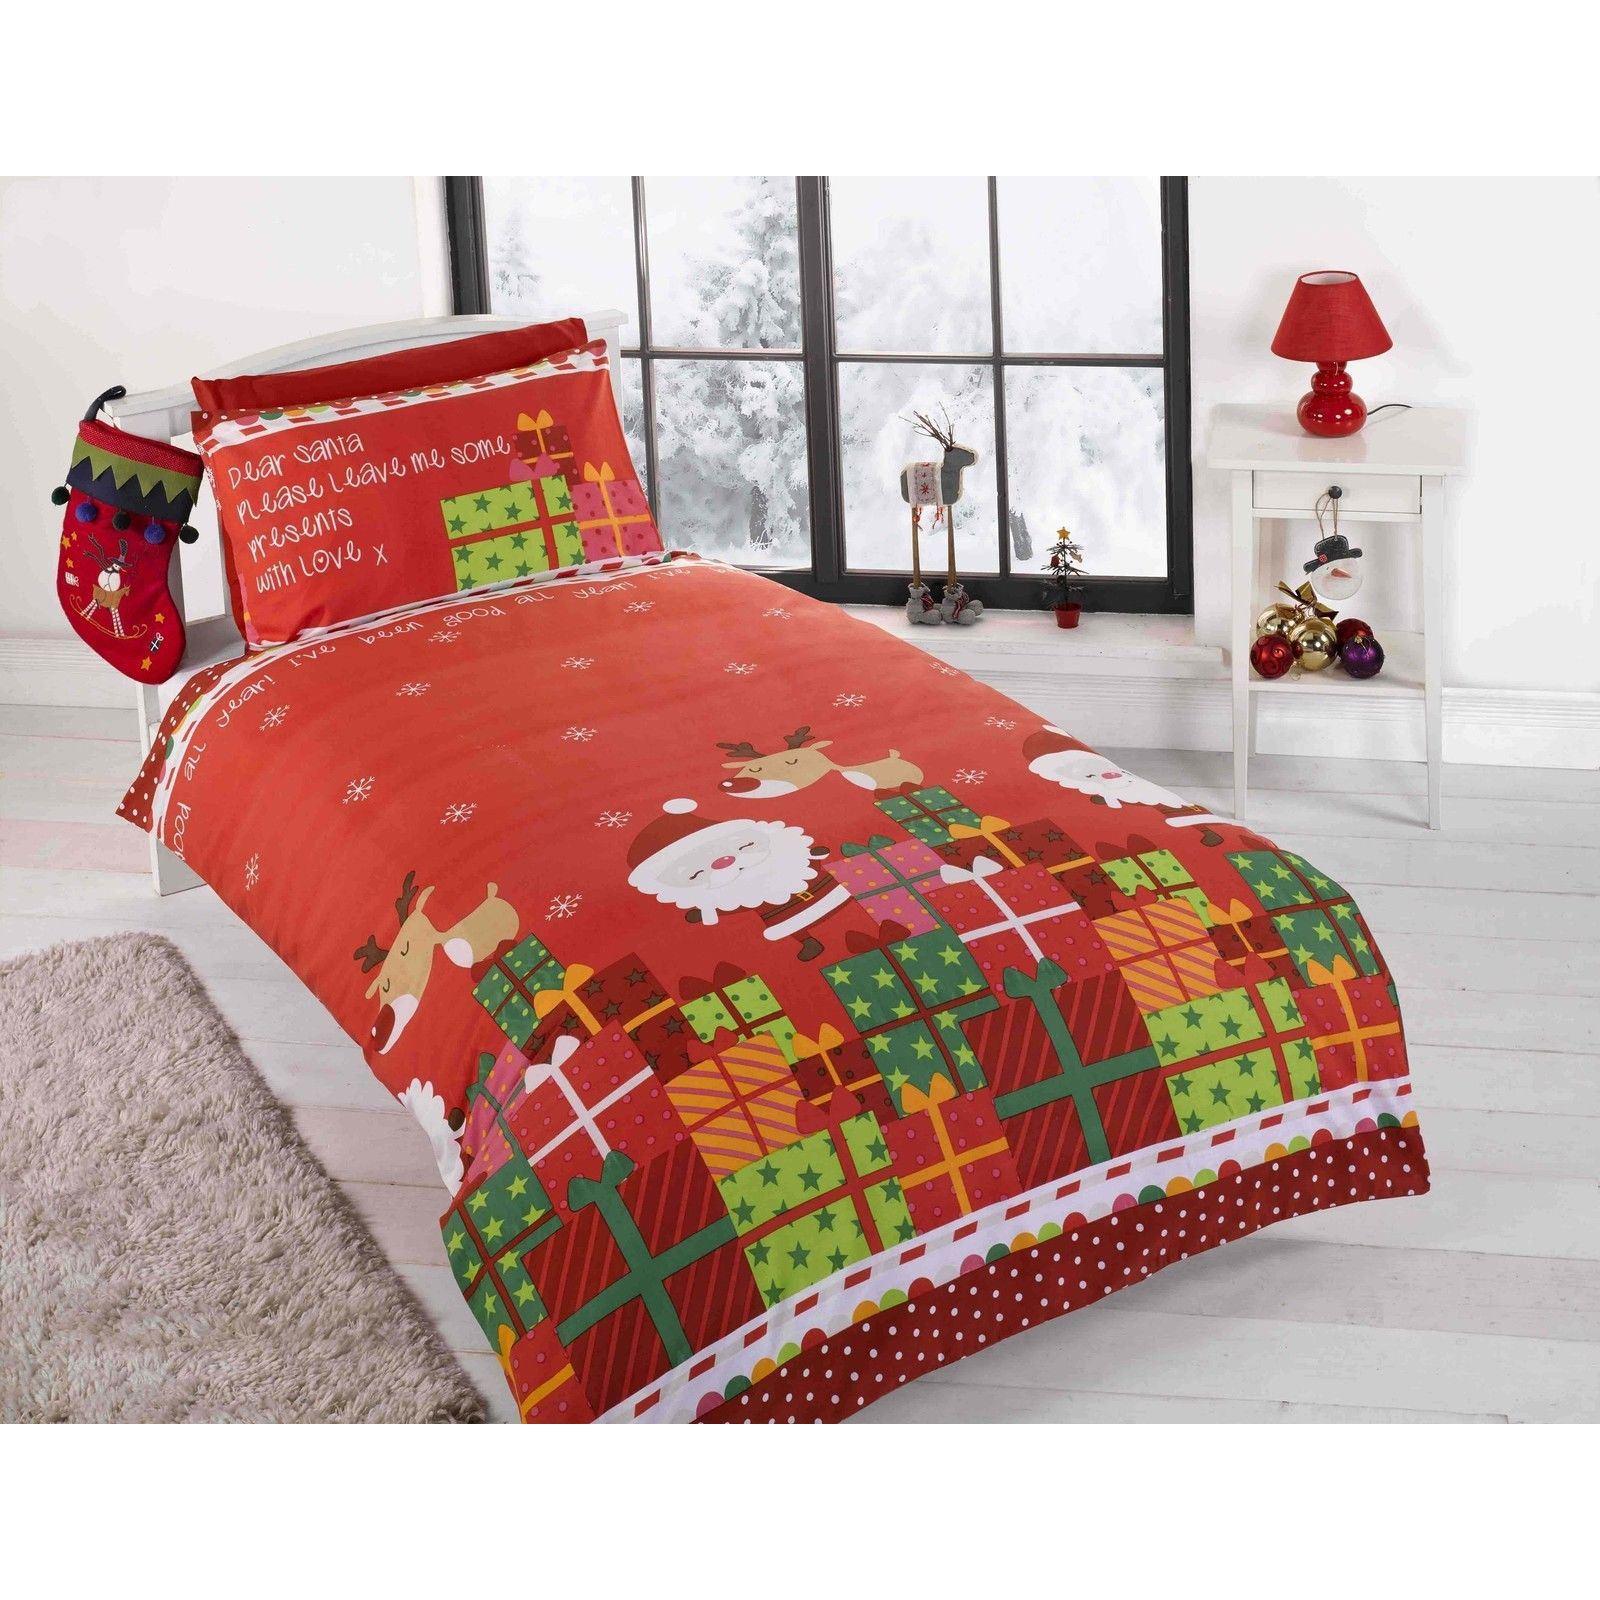 Indexbild 18 - Kinder Weihnachten Bettbezug Sets - Junior Einzel Doppel King - Elf Emoji Grinch